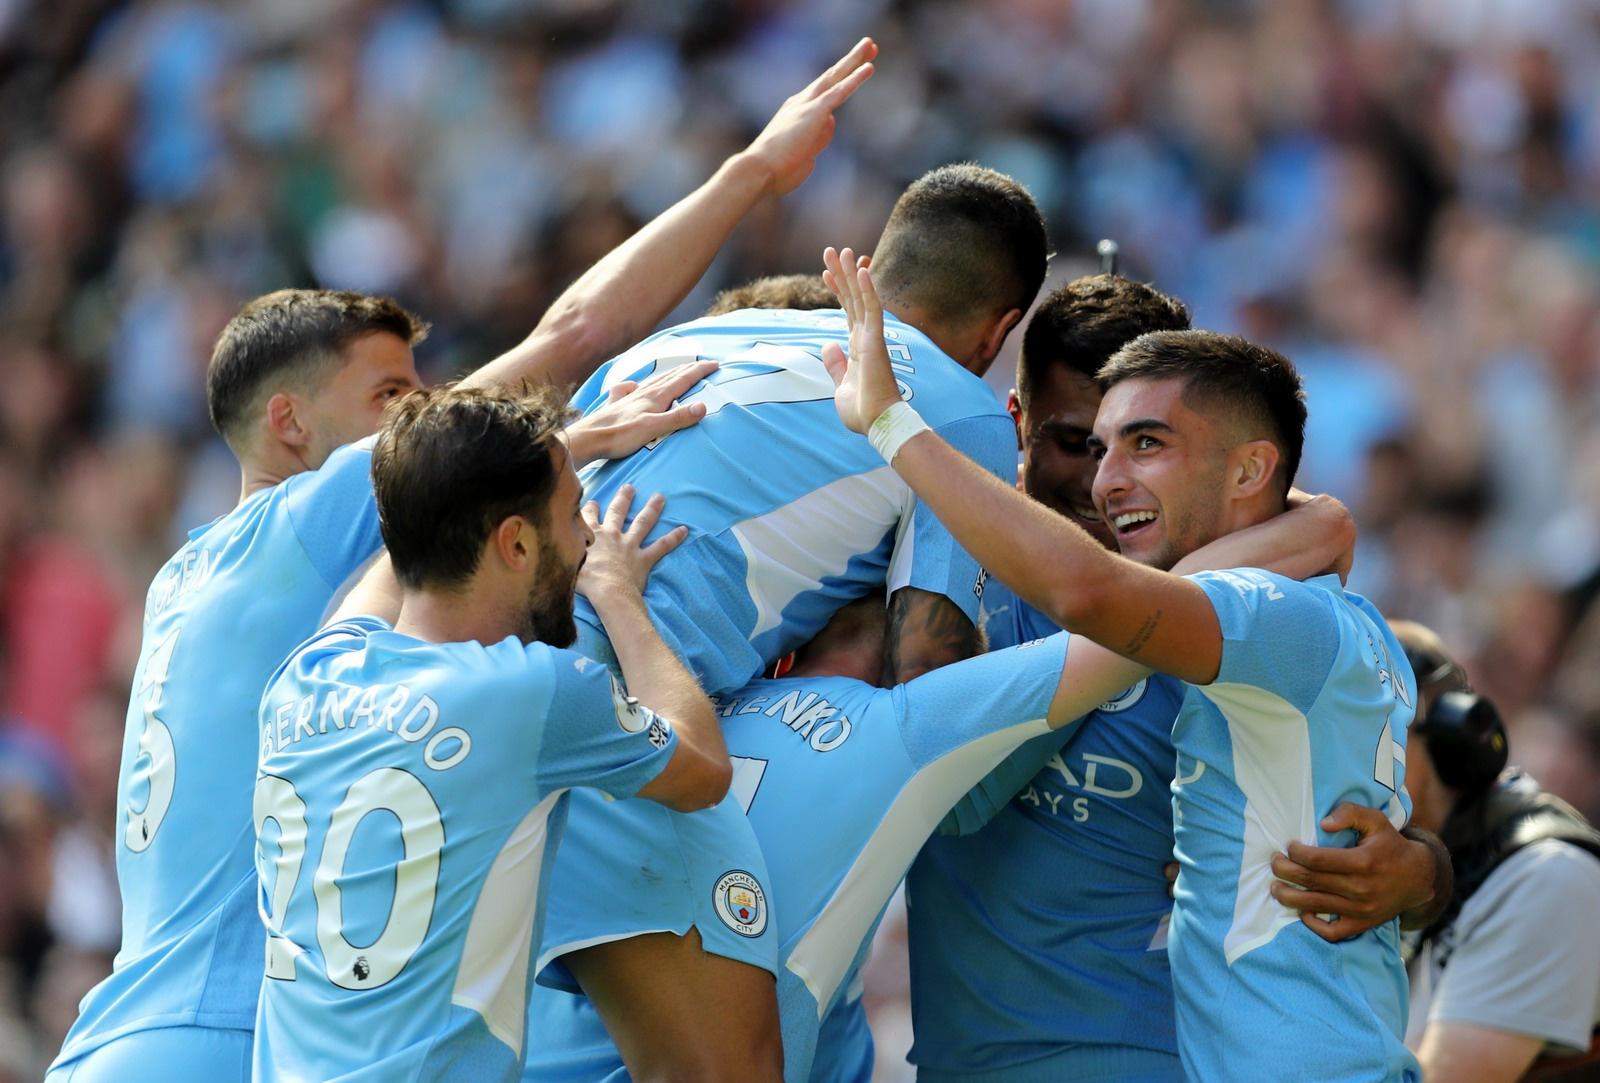 Hiệp 1 trận đấu Man City nhập cuộc đầy tự tin và dành kết quả 3-1 trước Leipzig